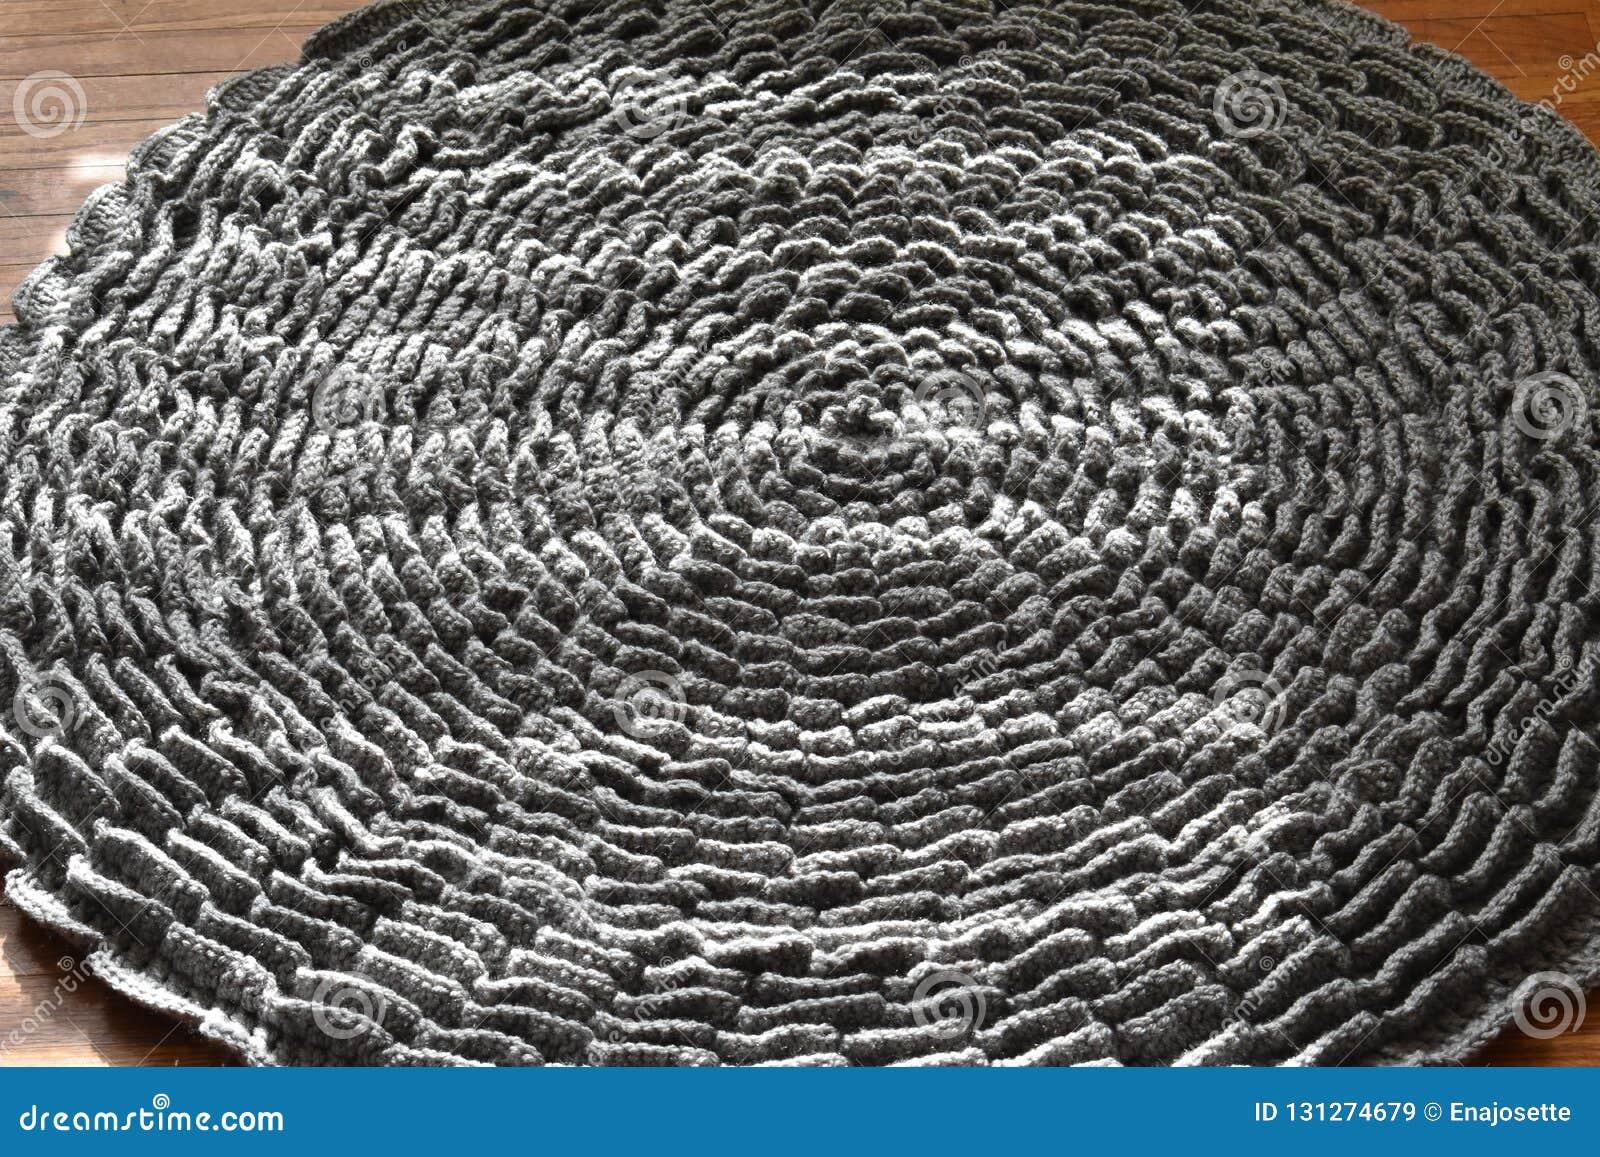 钩针编织地毯